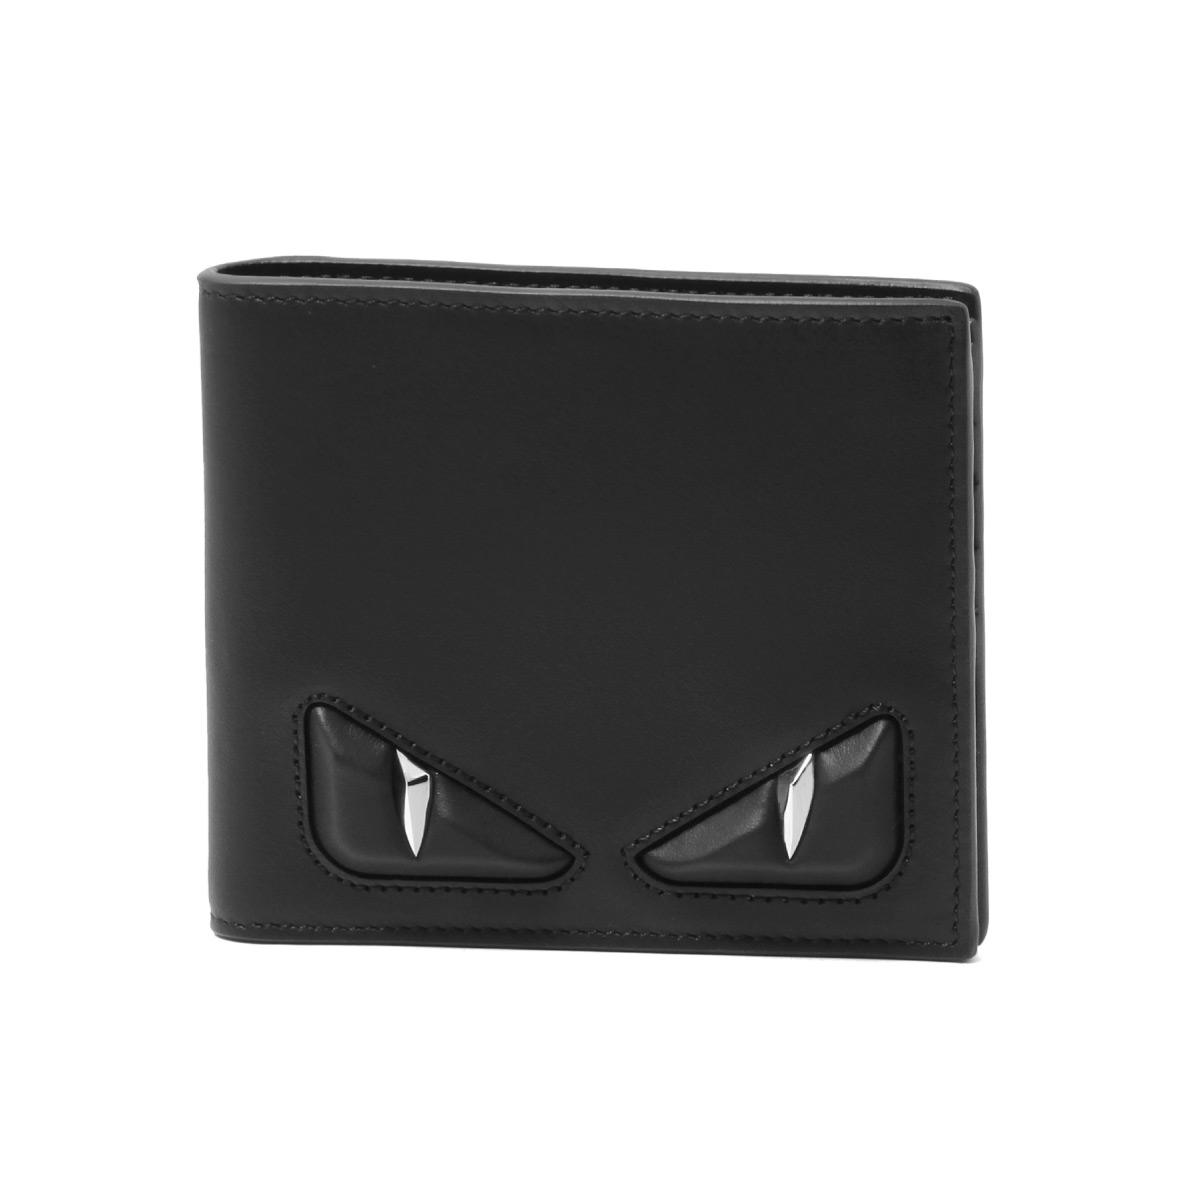 00c1772f Fendi FENDI wallet men 7M0169 O76 F0GXN folio wallet NERO+PALLADIO black